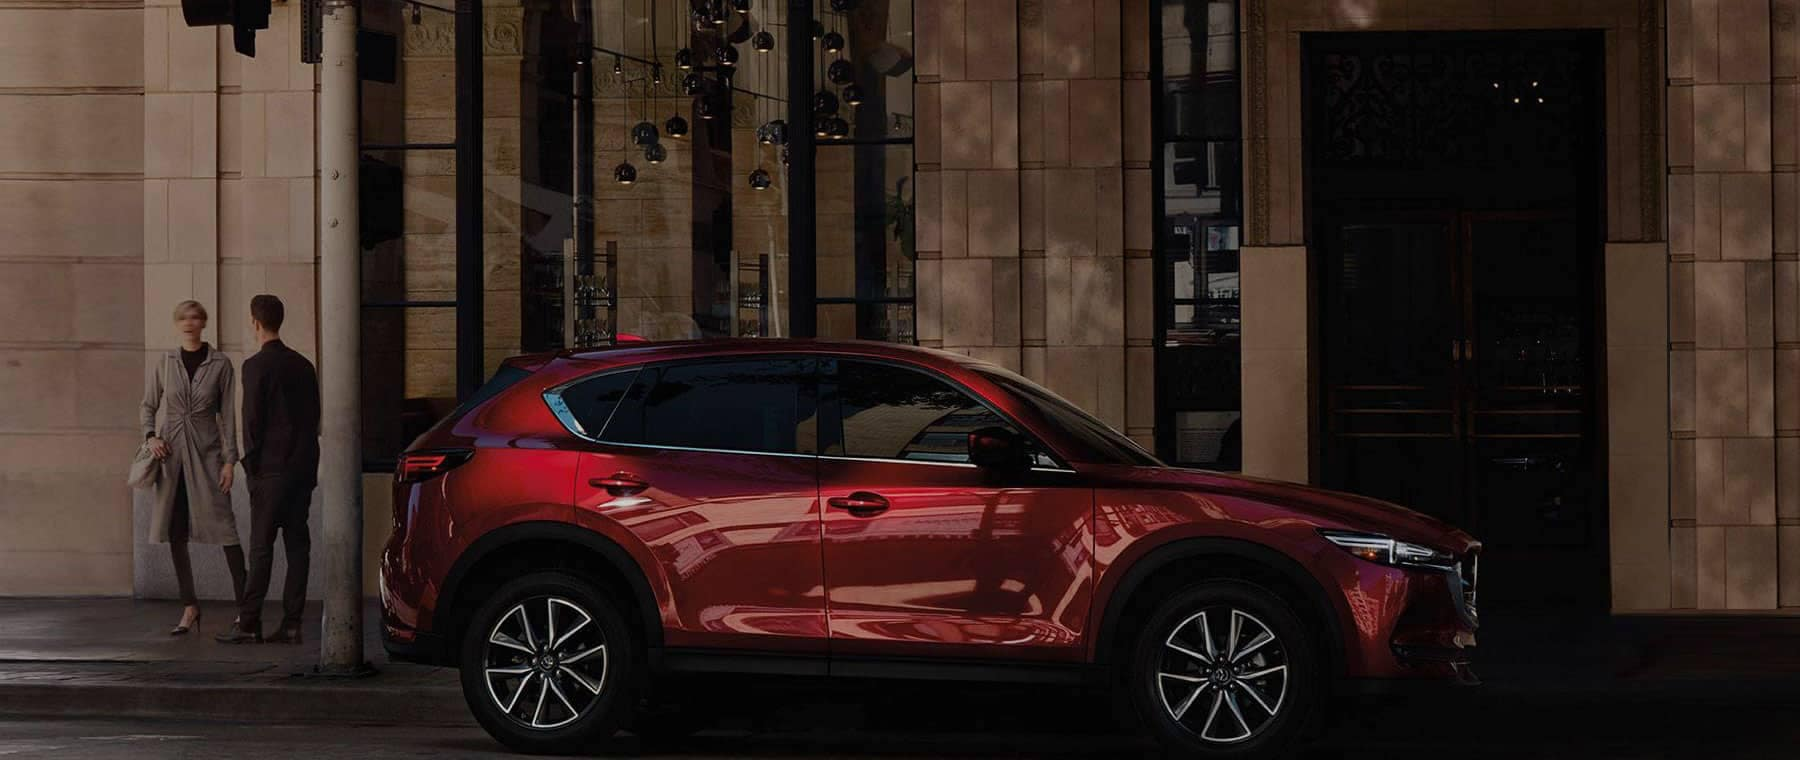 2018-MazdaCX-5_Background